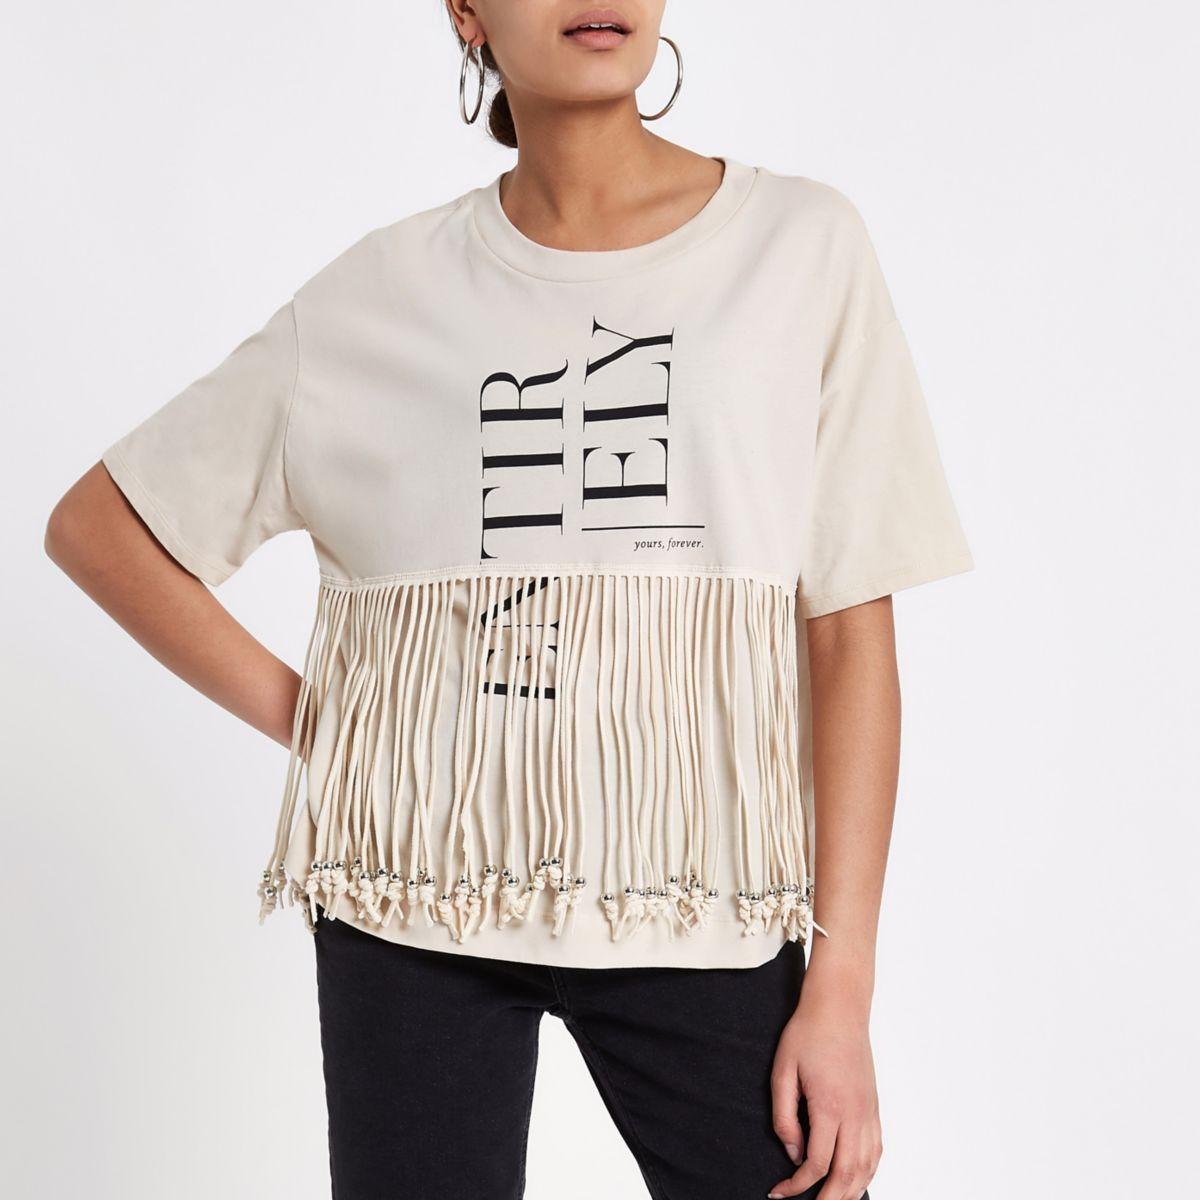 Beige recht T-shirt met kwastjes en 'Entirely'-print